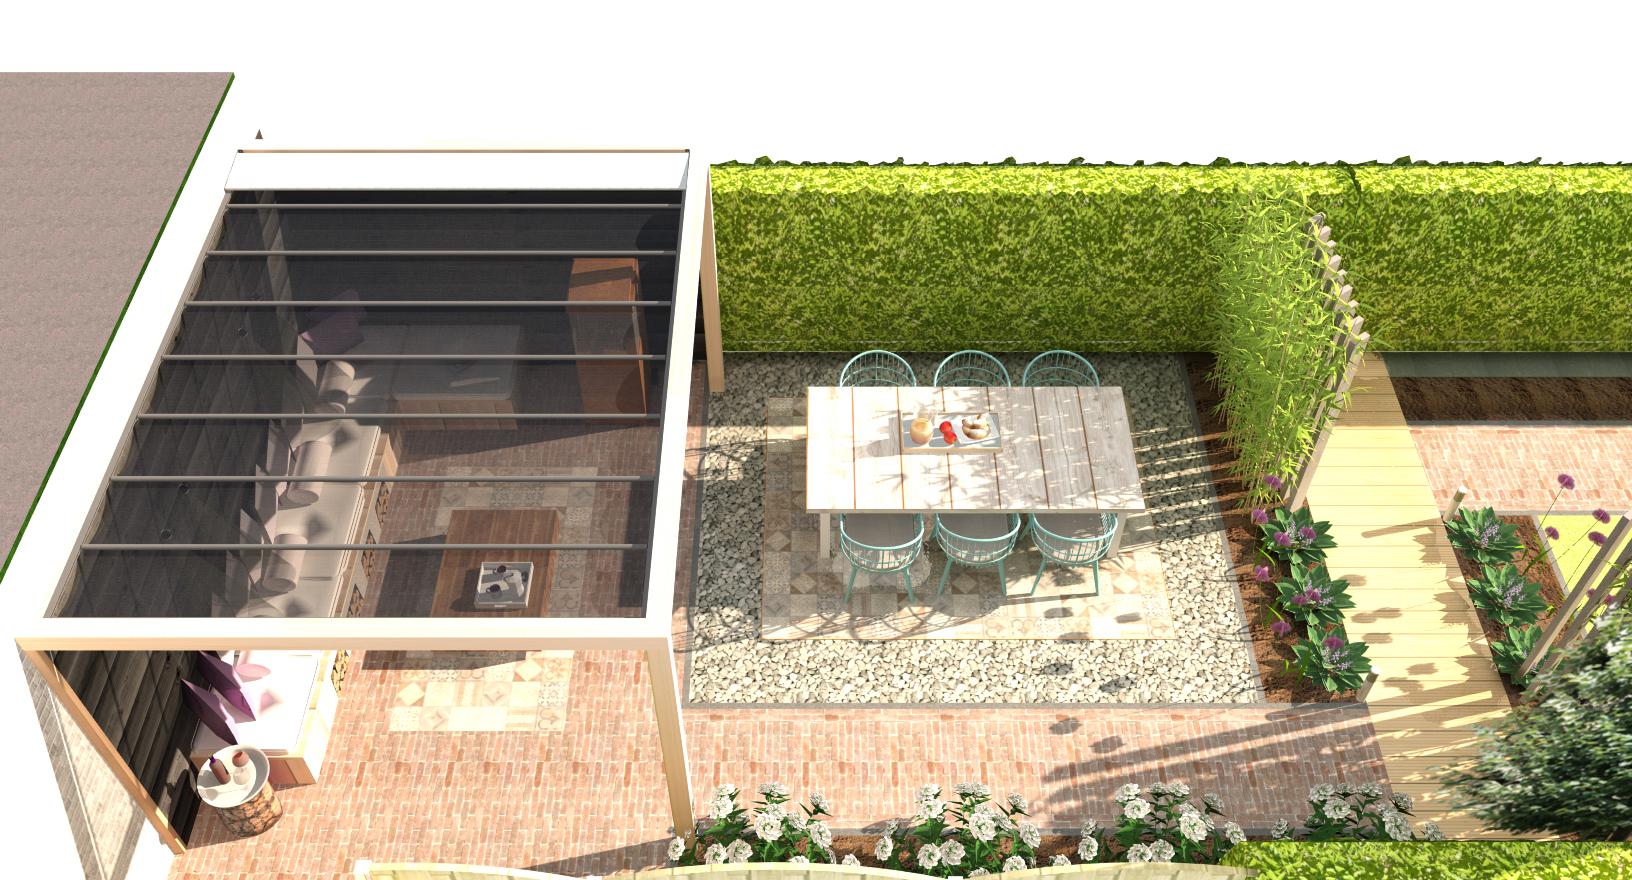 Tuinontwerp achtertuin - Modern Japanse stijl bovenaanzicht